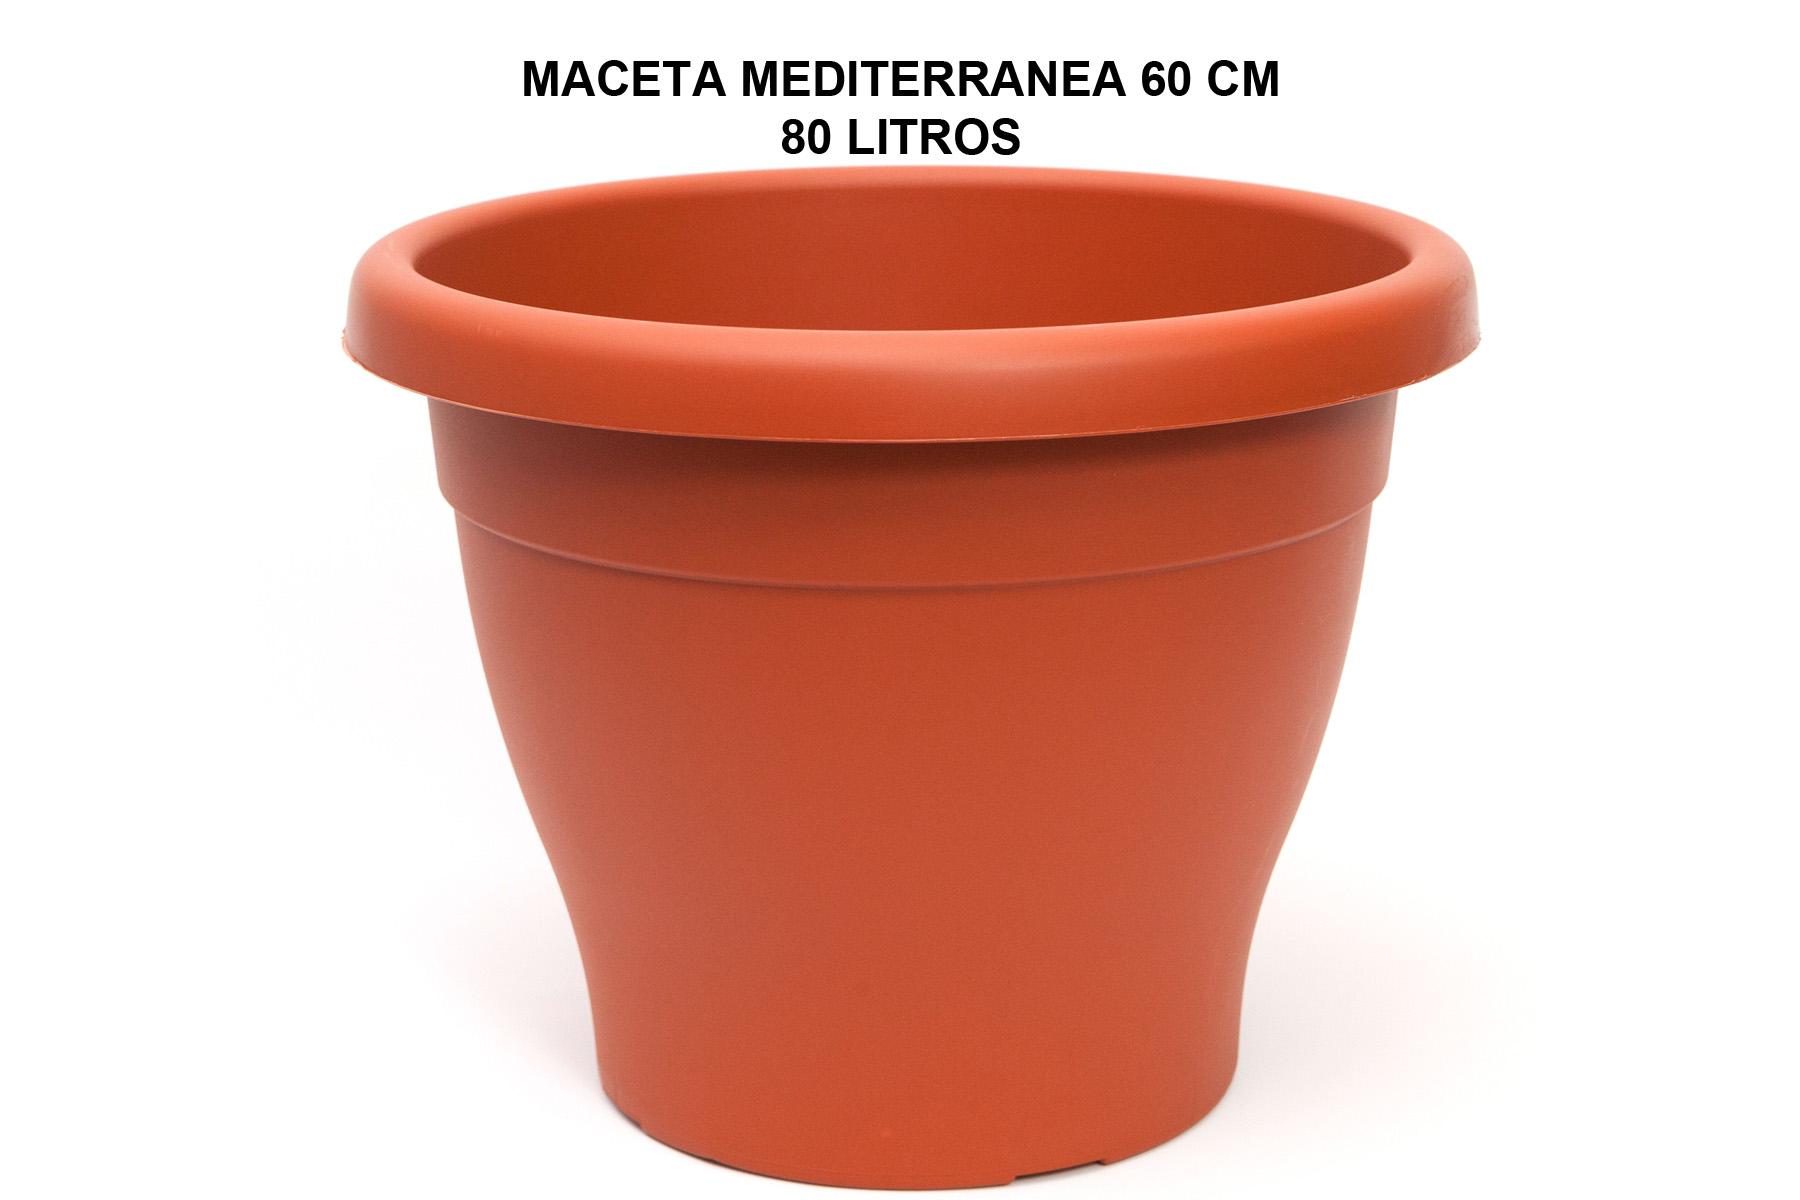 MACETA MEDITERRANEA 60 CM P